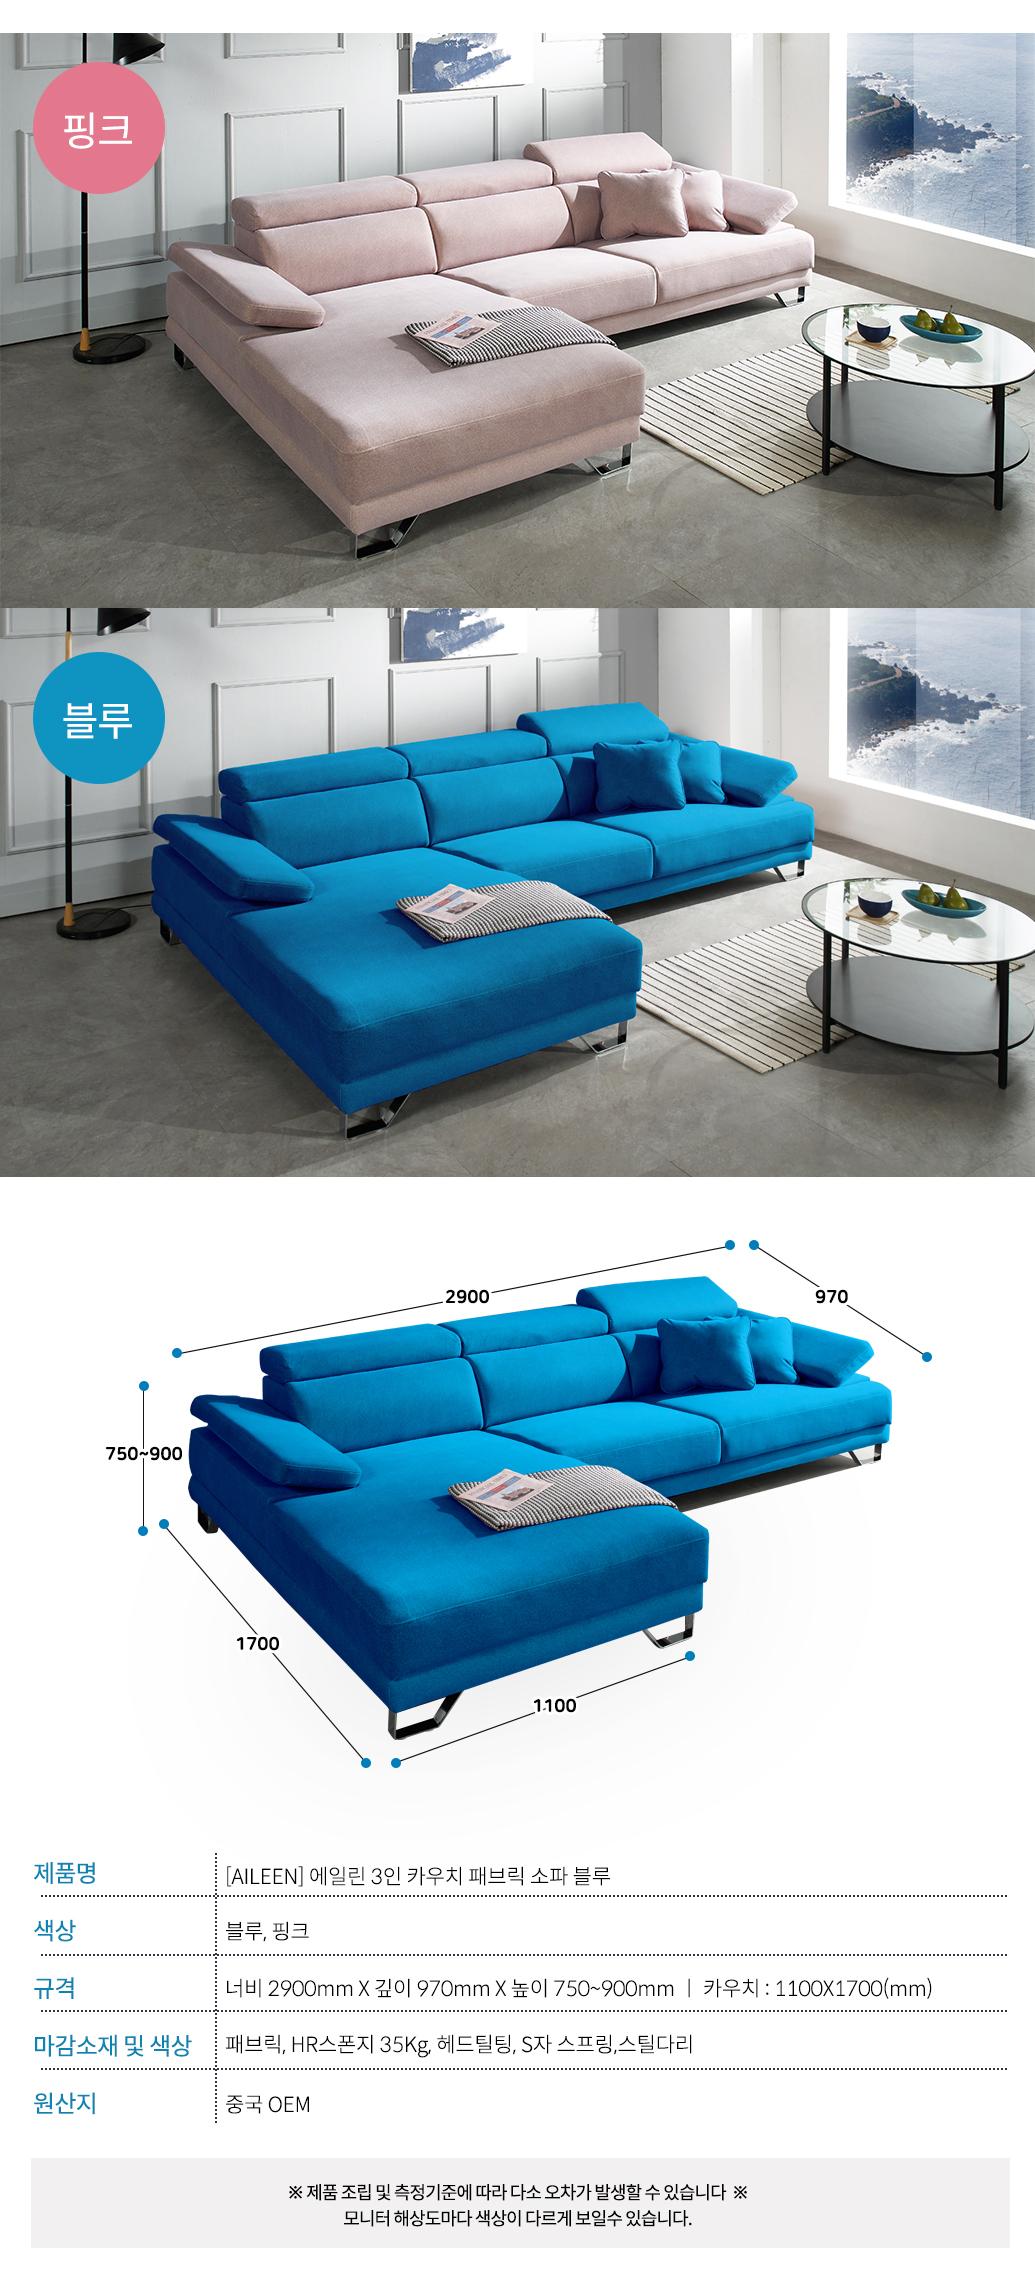 aillen_couch_bule_2.jpg